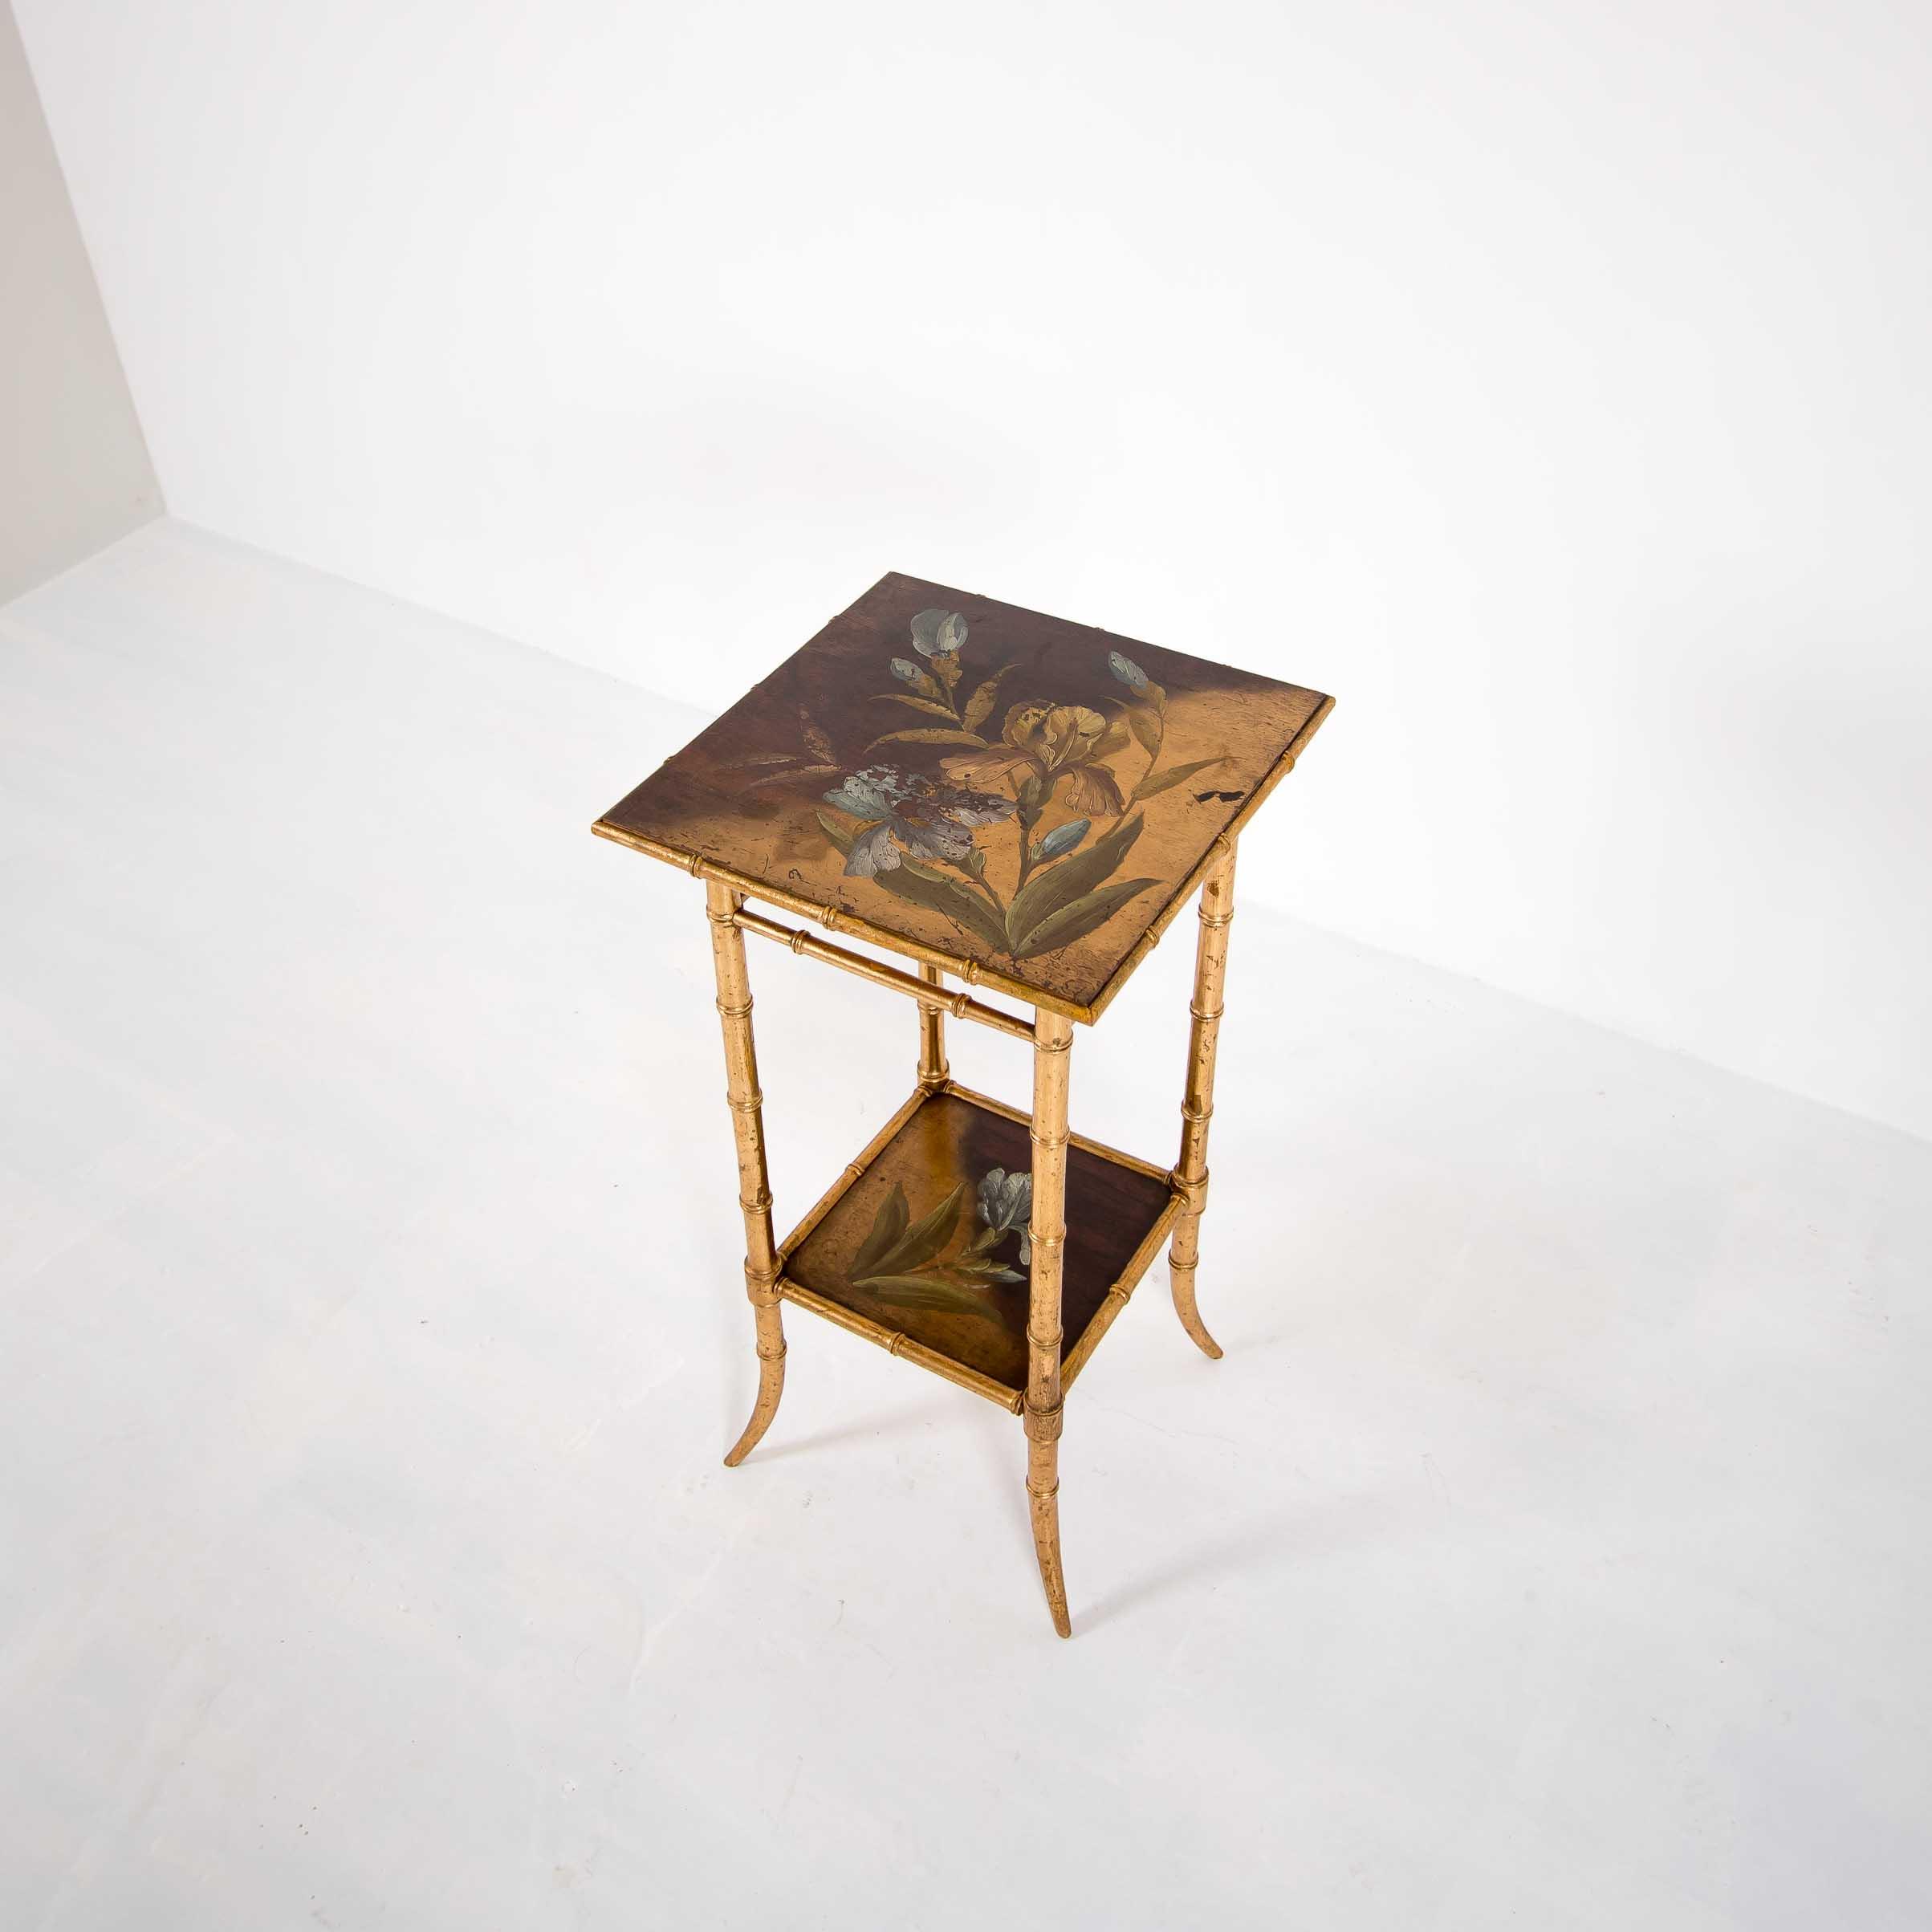 Art Nouveau side tablethumbnail